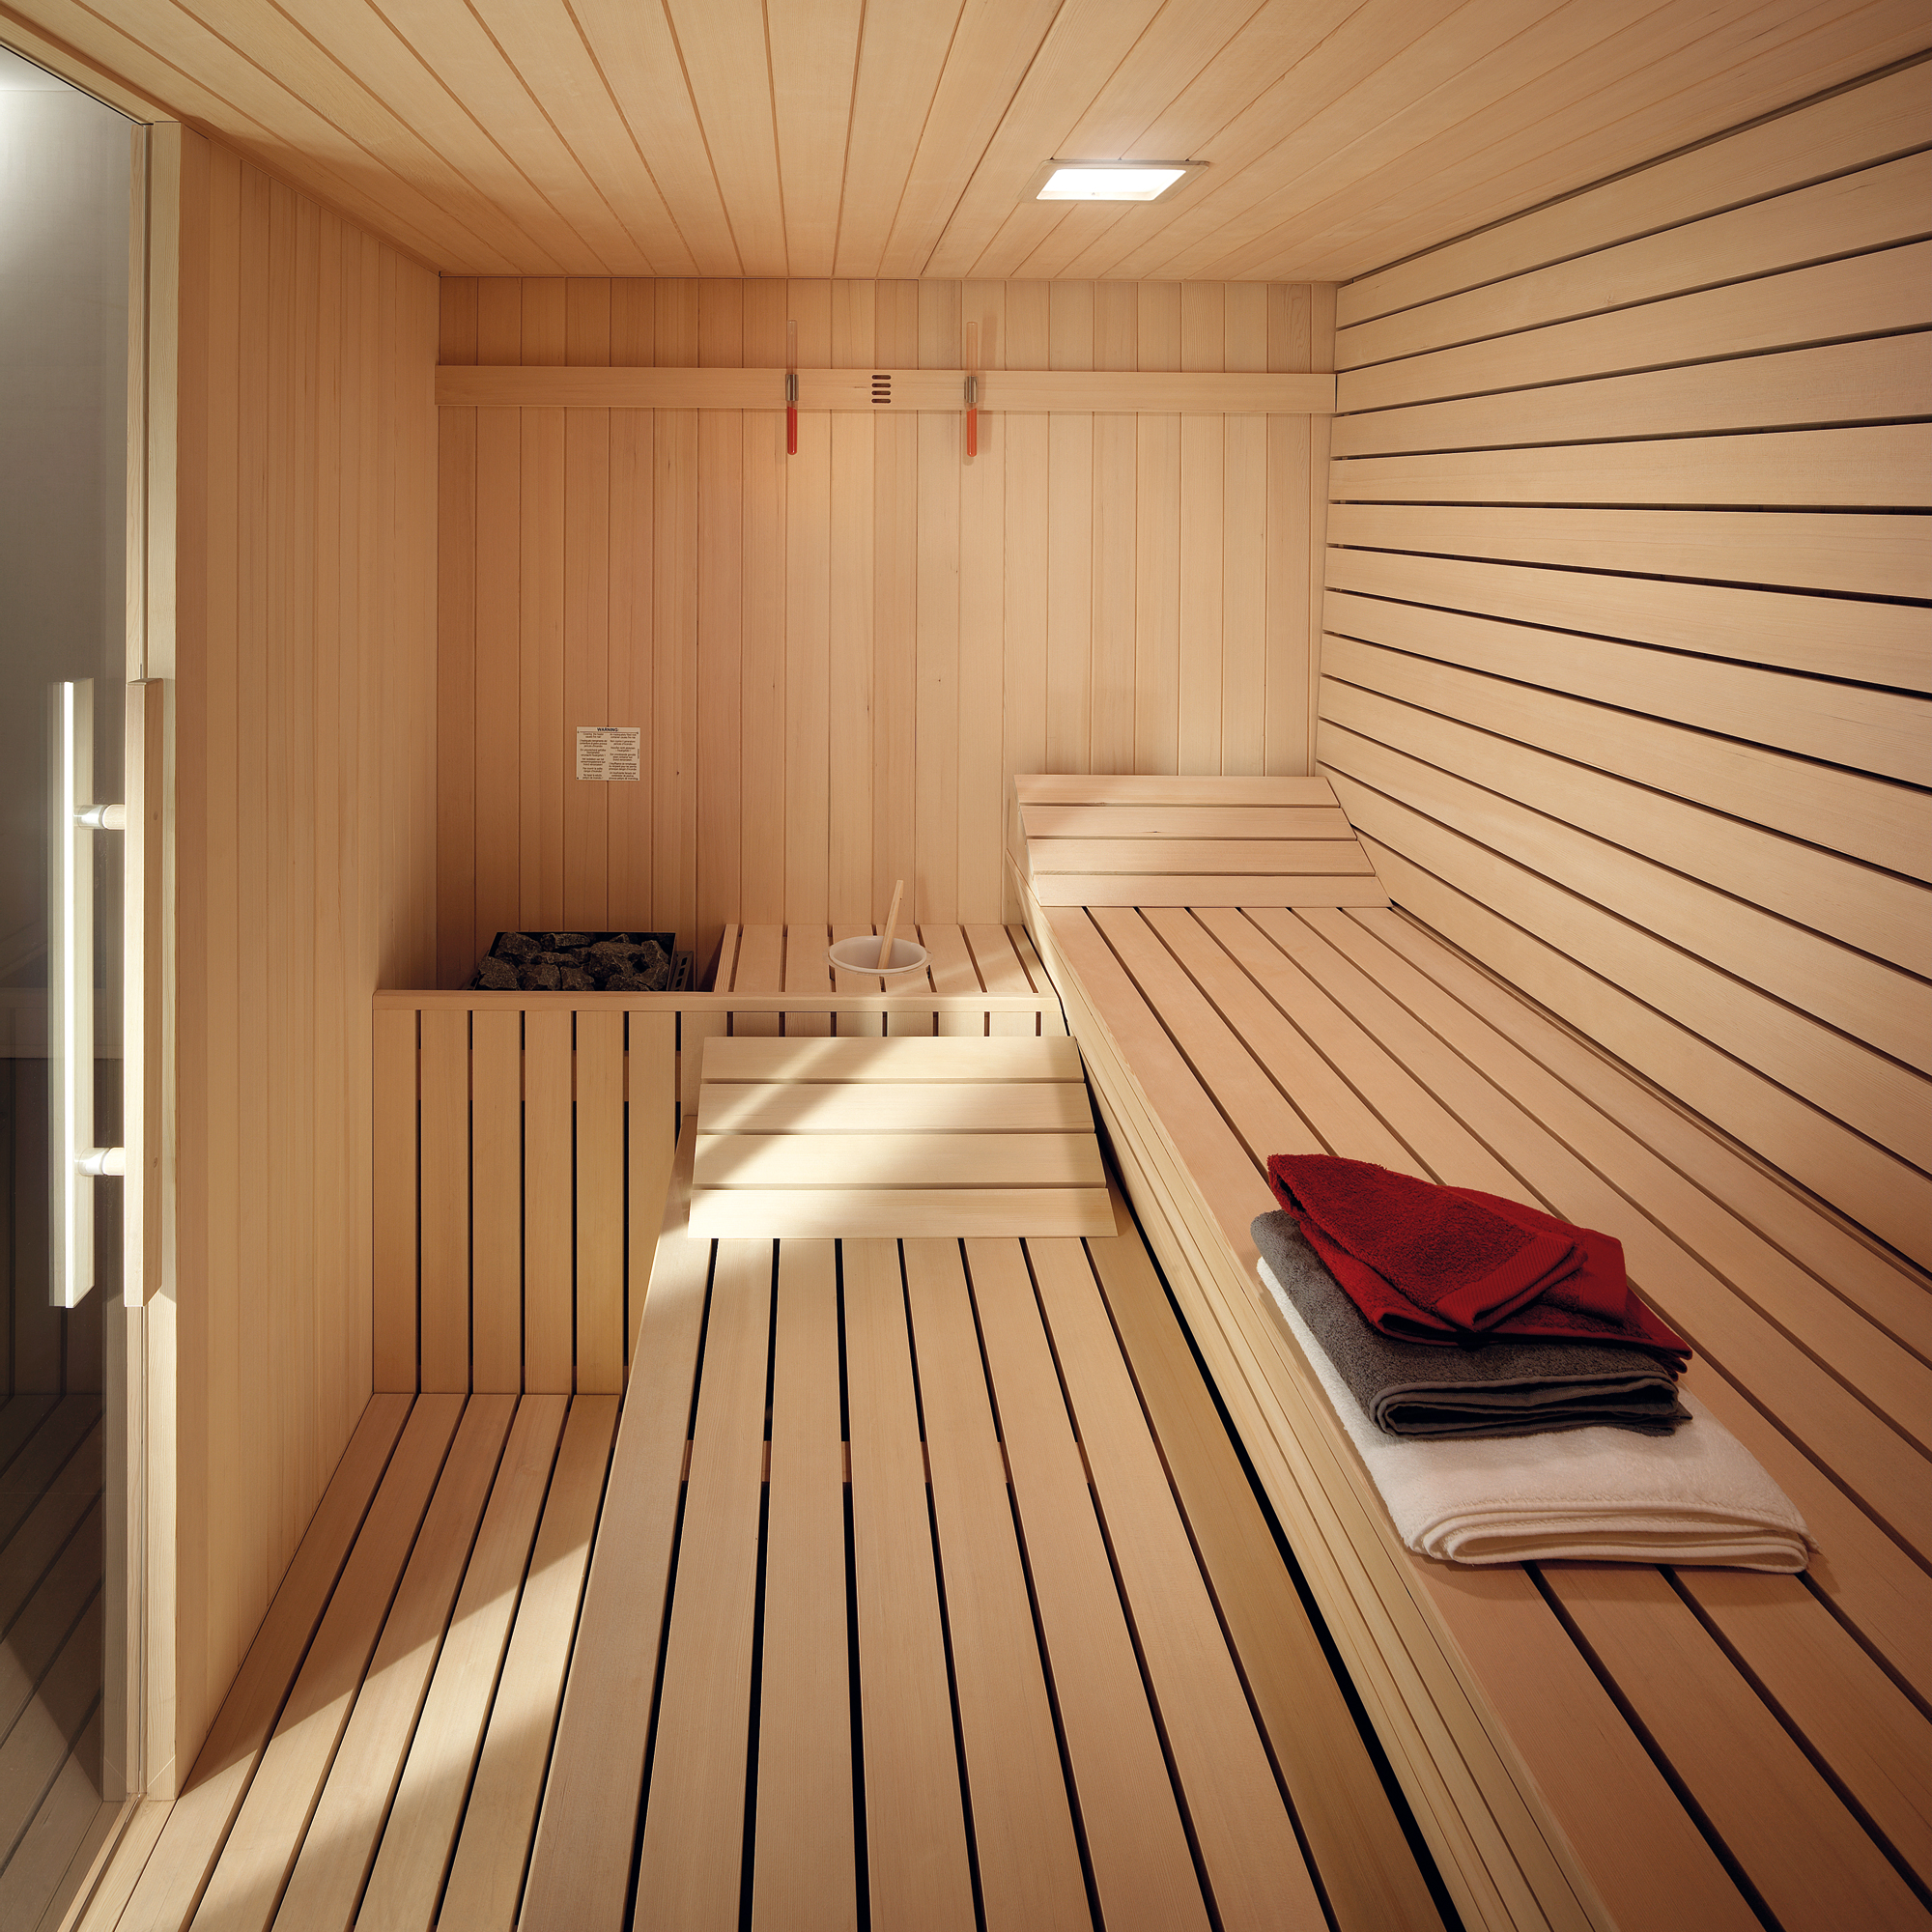 Prezzi sauna per casa - Sauna casa prezzi ...